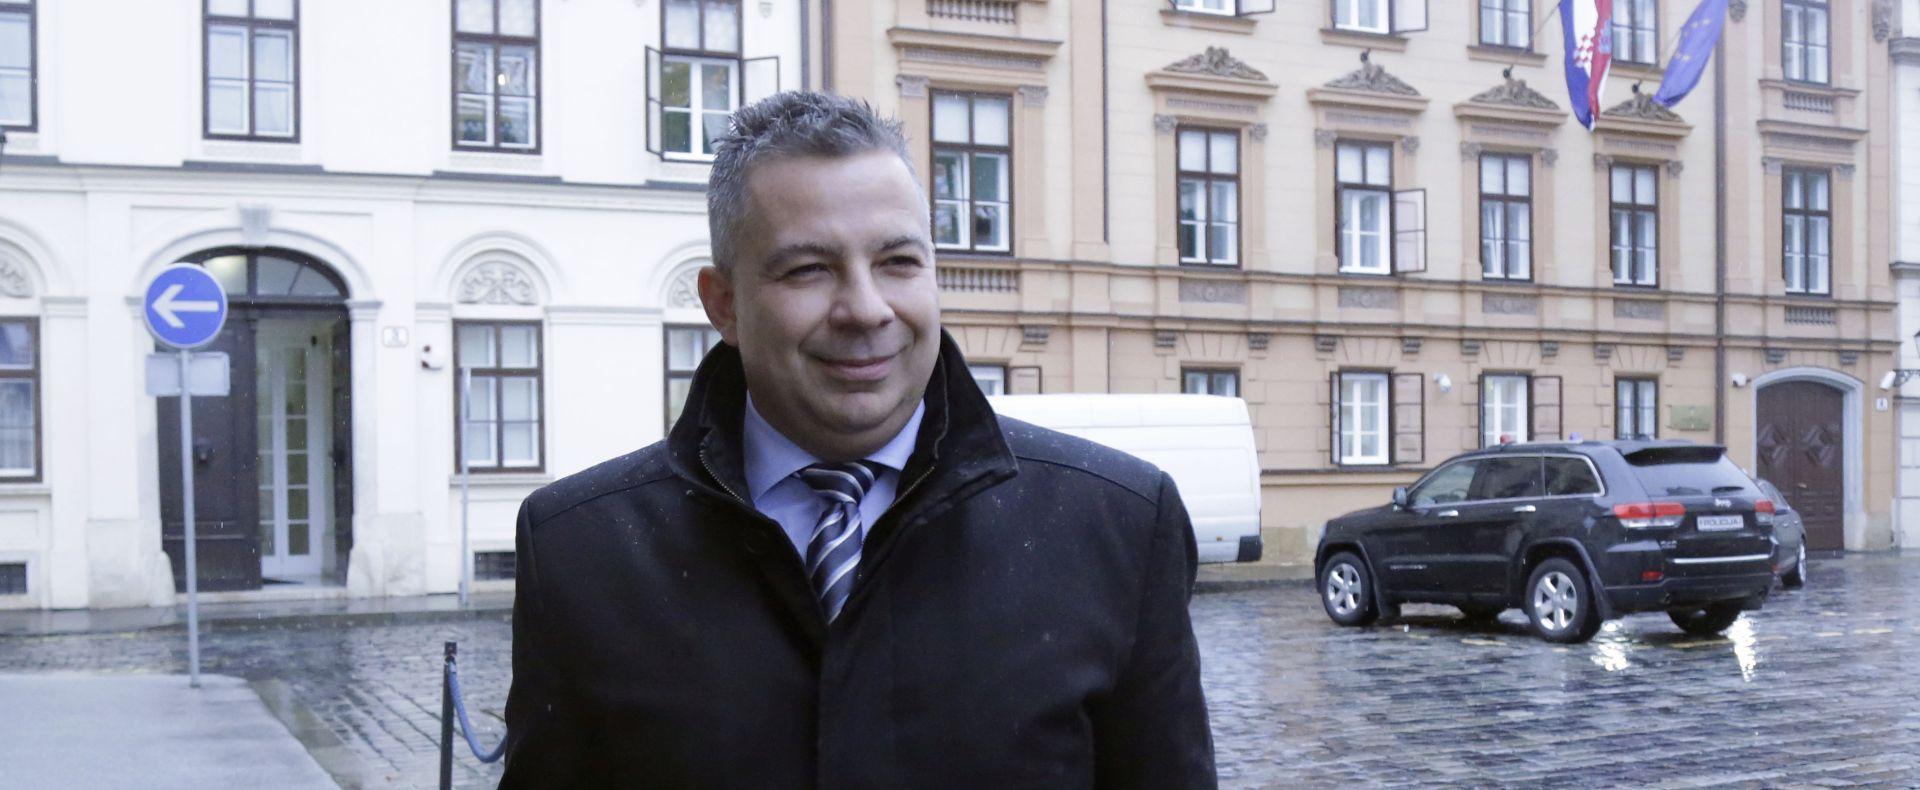 Aldott: vrlo važan sastanak jer smo izravno informirali Vladu o stanju u Ini